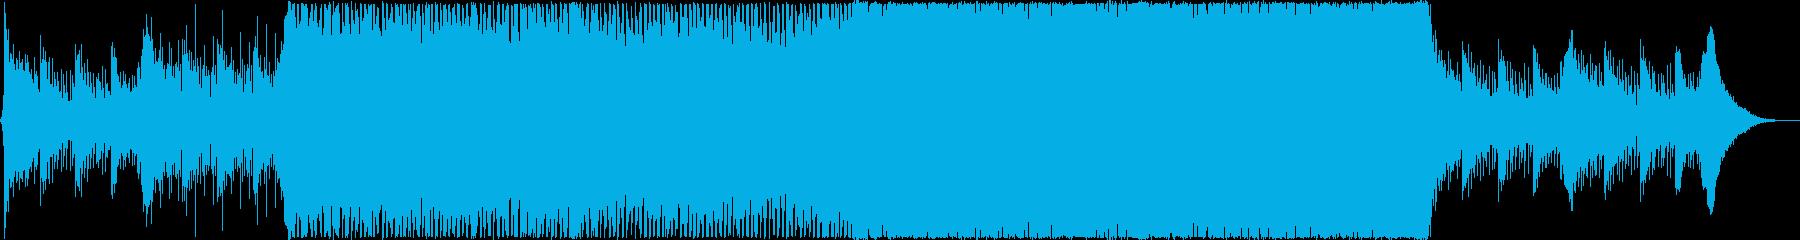 爽やかなEDM、企業VPの再生済みの波形